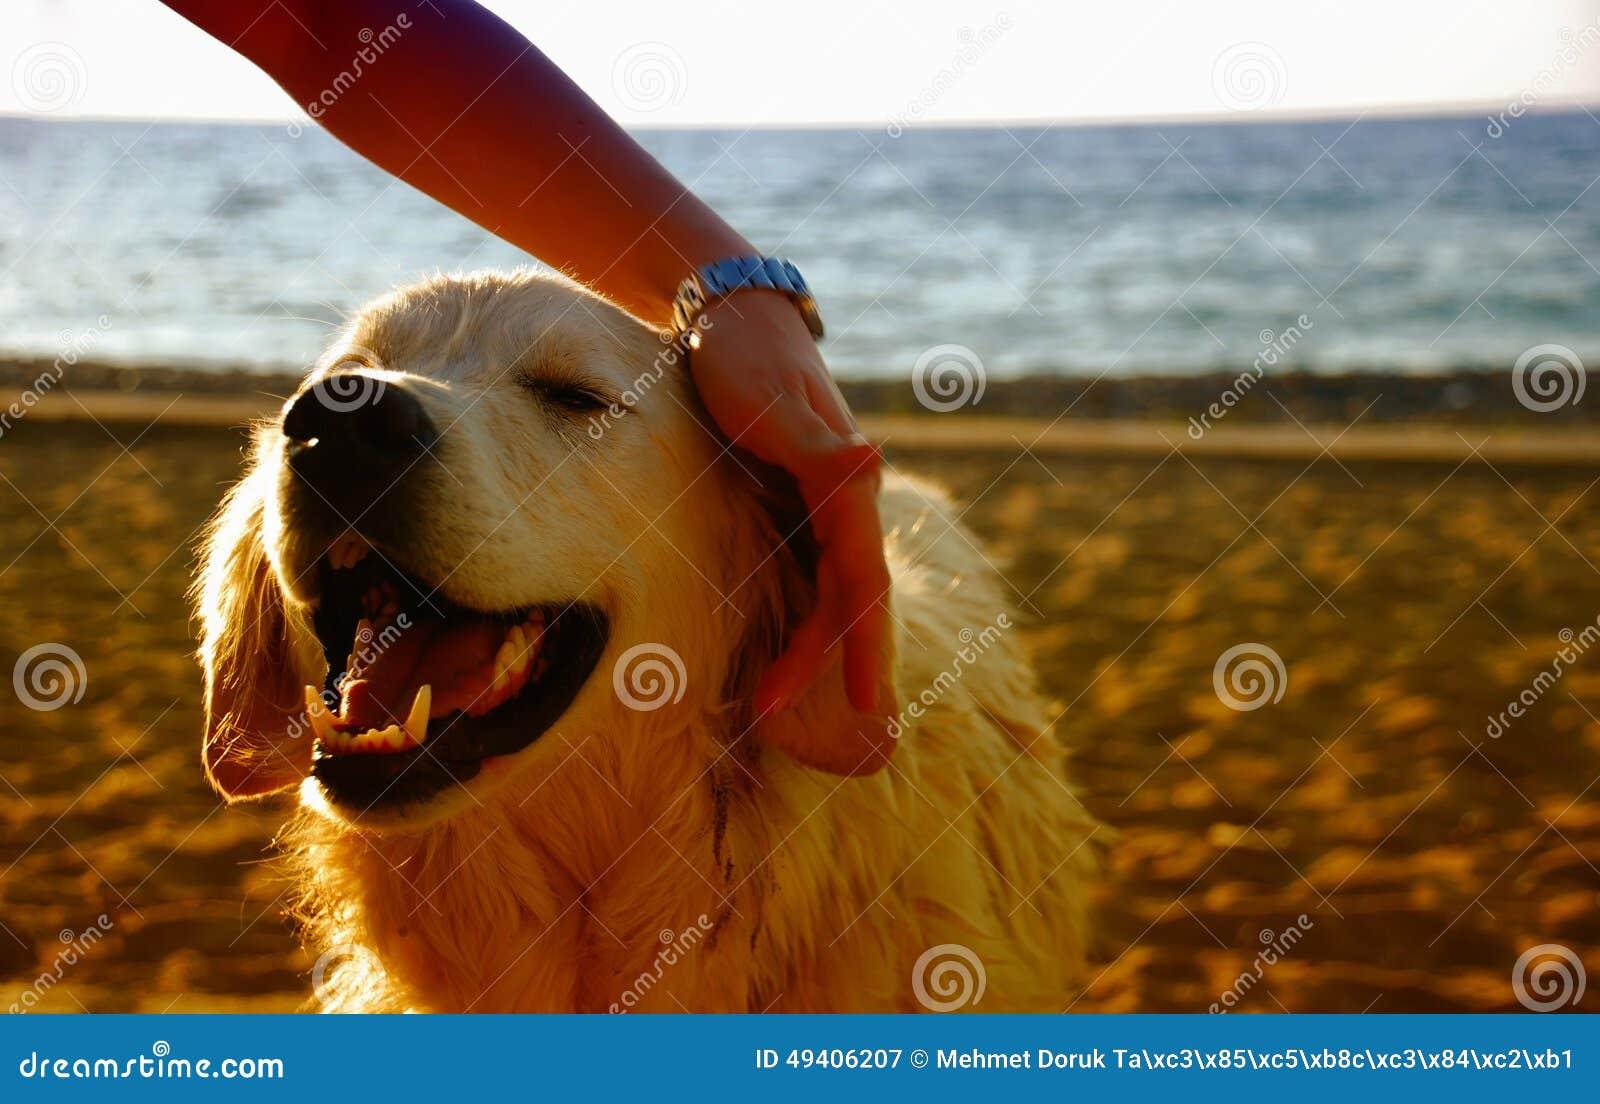 Download Glücklicher Hund Auf Dem Strand Stockbild - Bild von golden, enjoy: 49406207